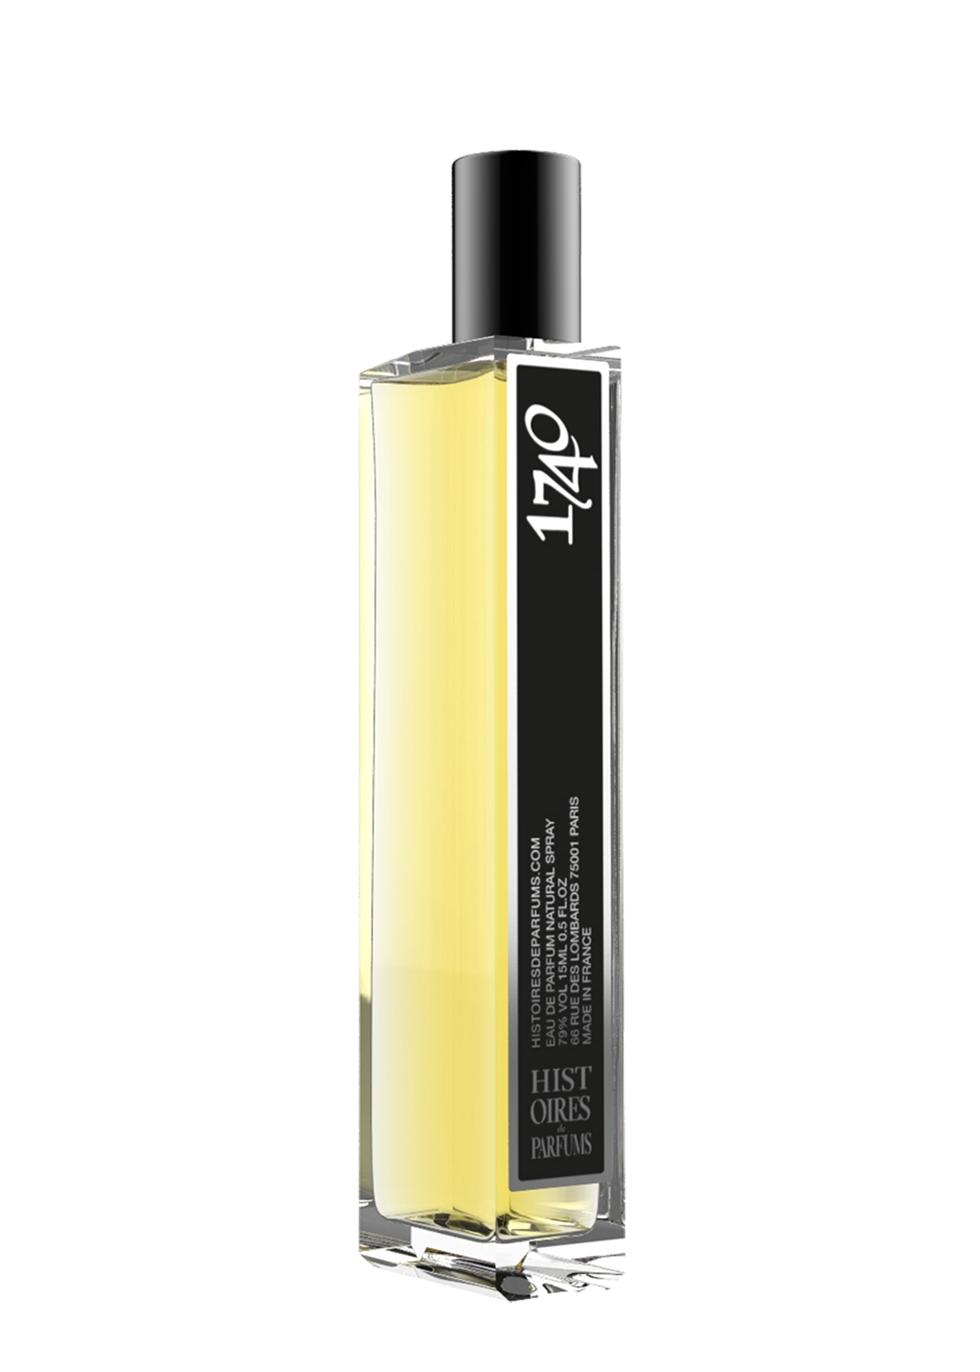 1740 Eau De Parfum 15ml - Histoires de Parfums